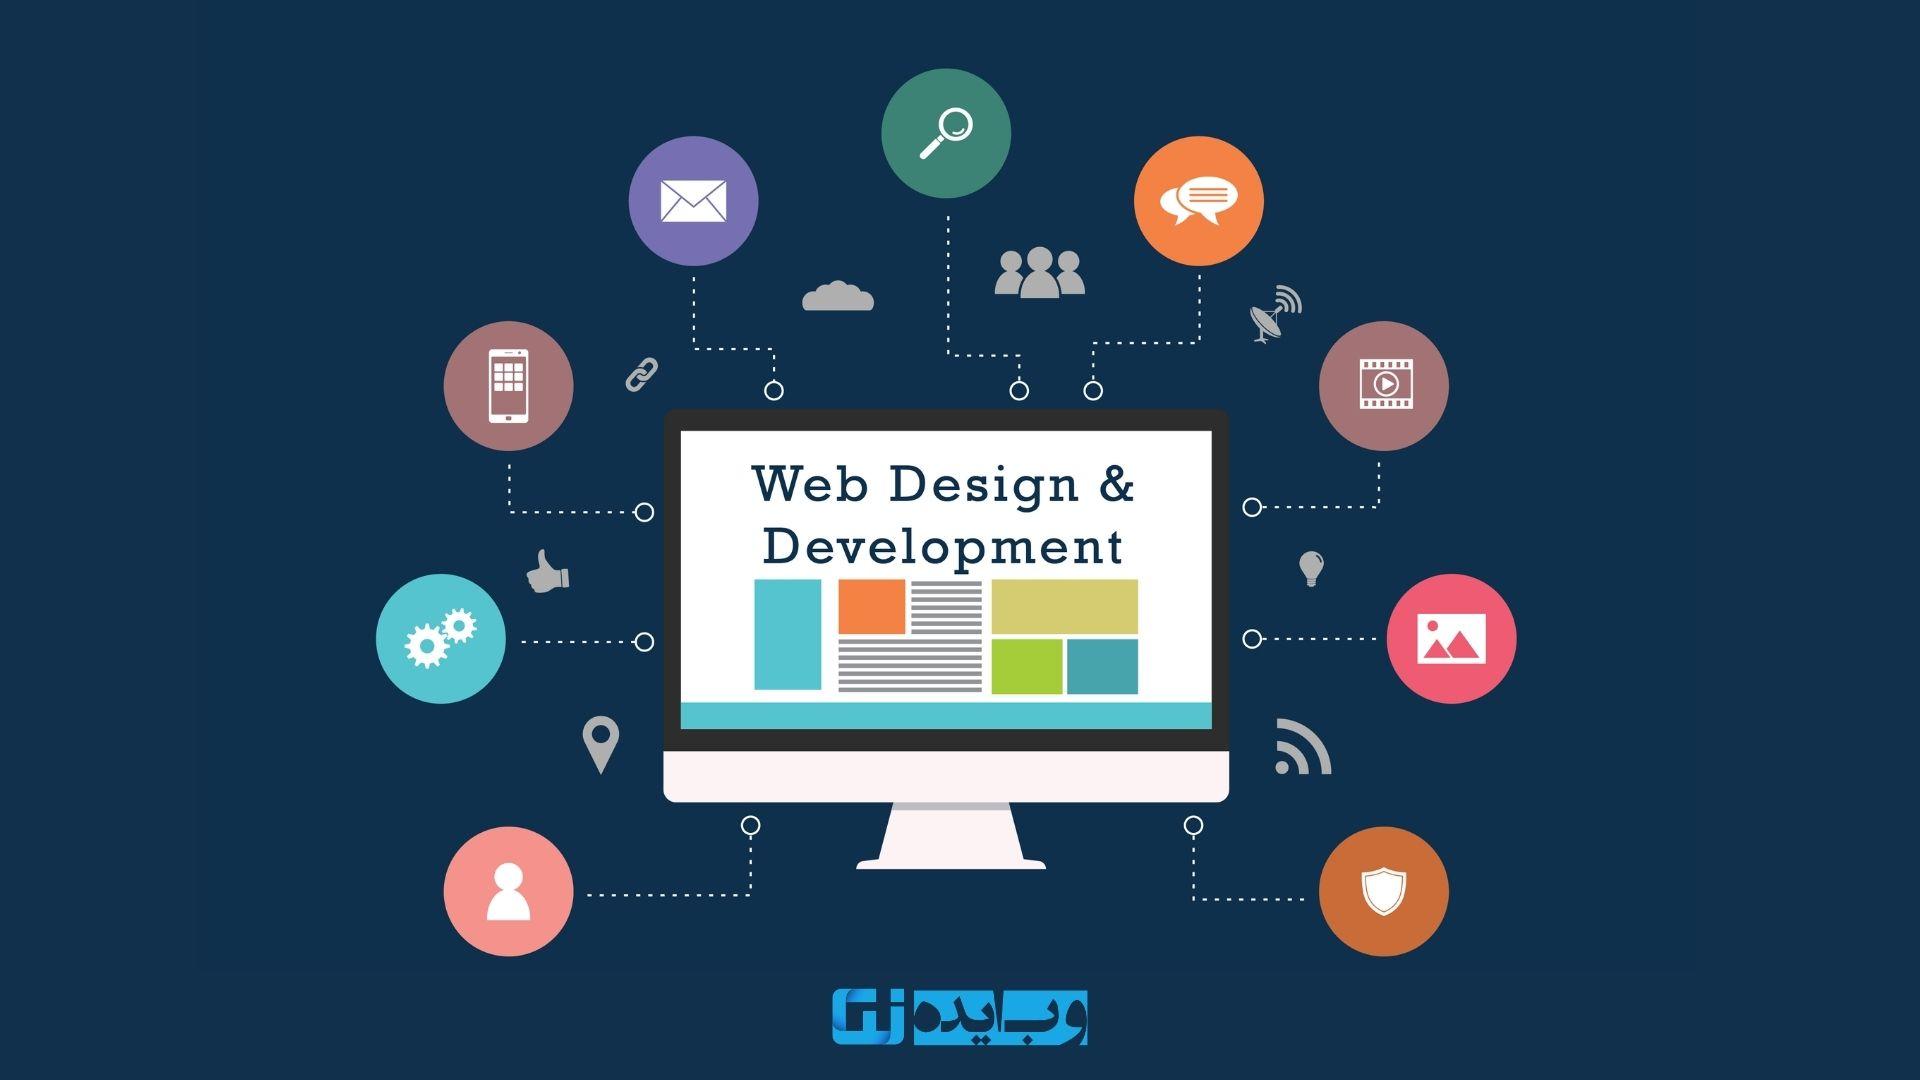 طراحی سایت چیست؟ و طراحی سایت چه مراحلی دارد؟